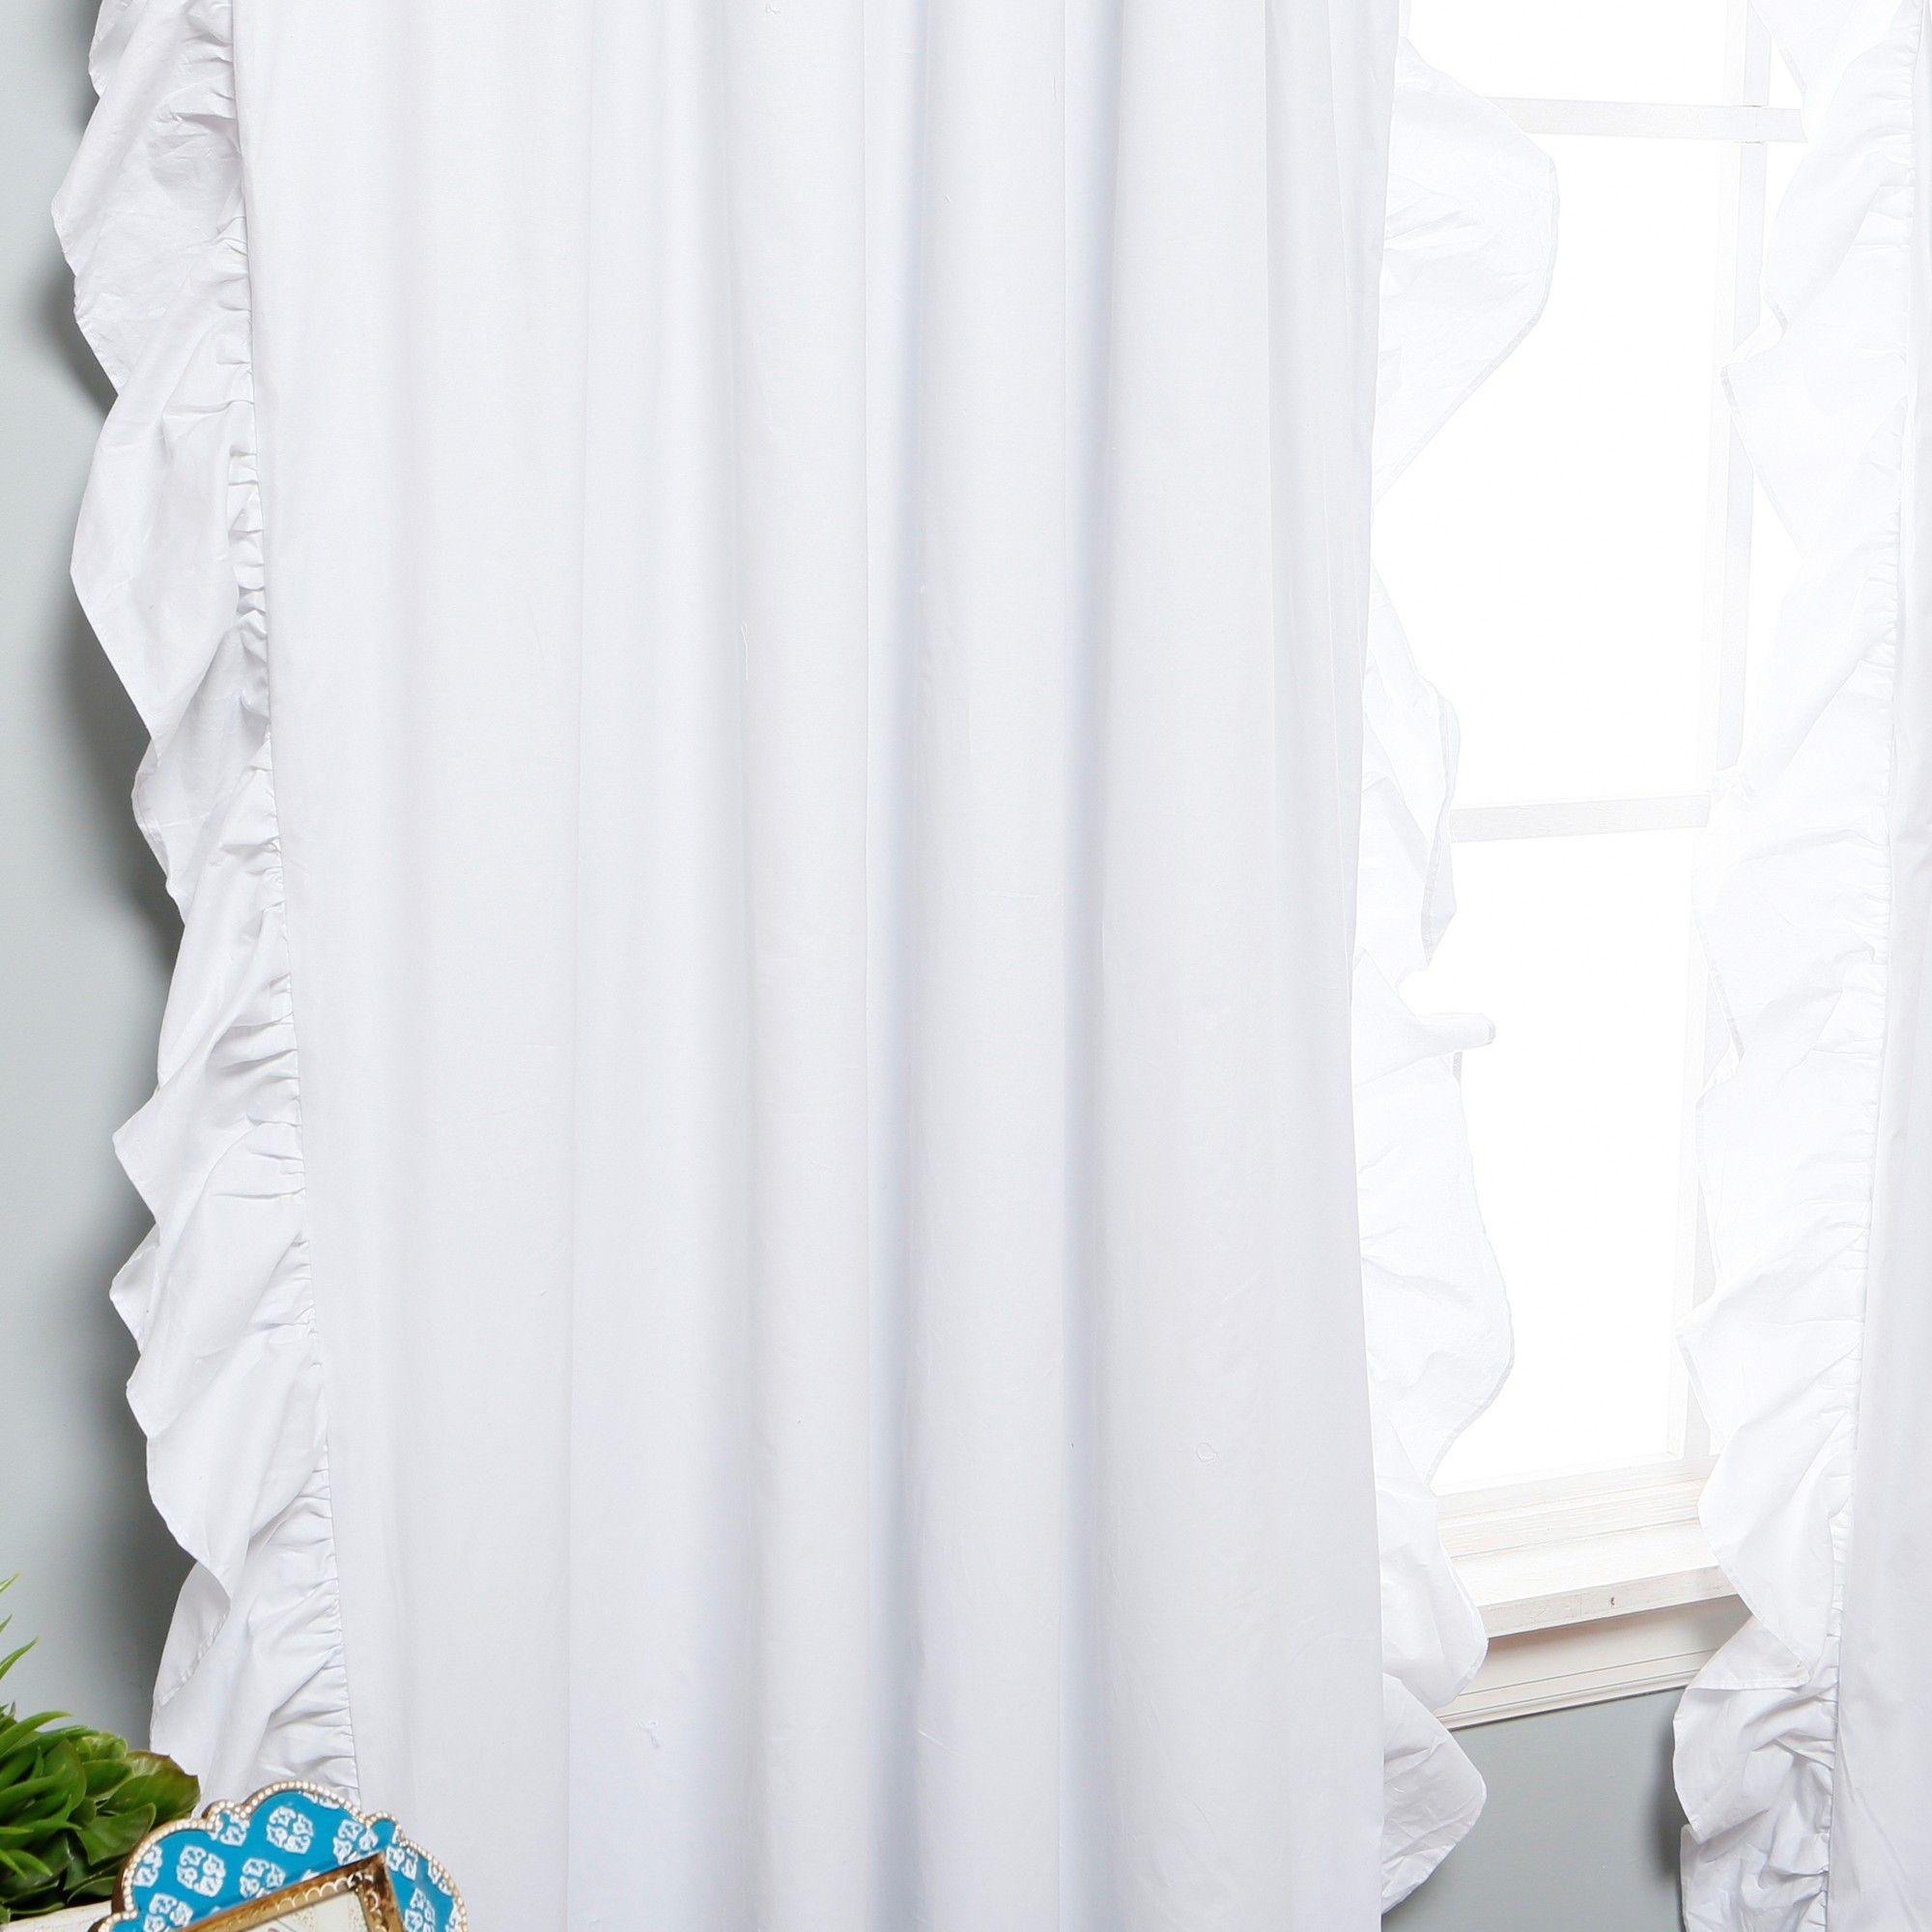 White Ruffle Trim Blackout Curtain White Curtains Curtains